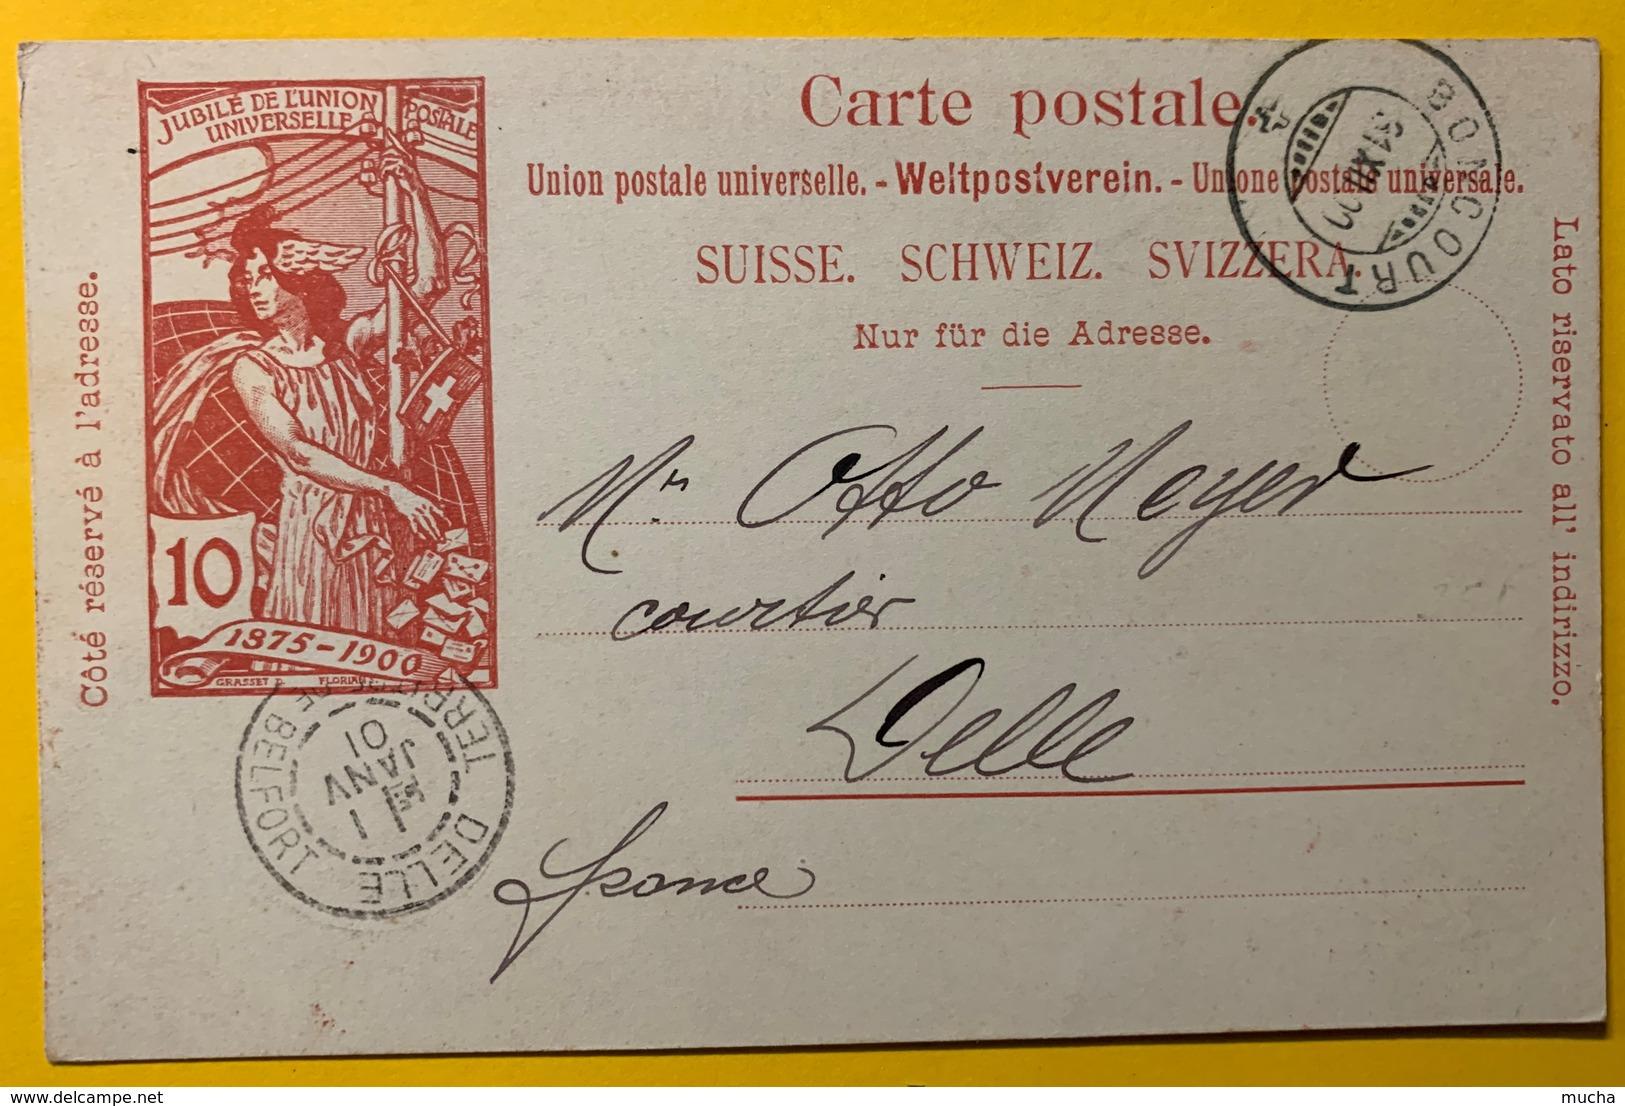 9283 - Jubilé UPU 10 Ct Carmin Boncourt 31.12.1900 Cachet D'arrivée Delle France 1.01.1901 - Entiers Postaux